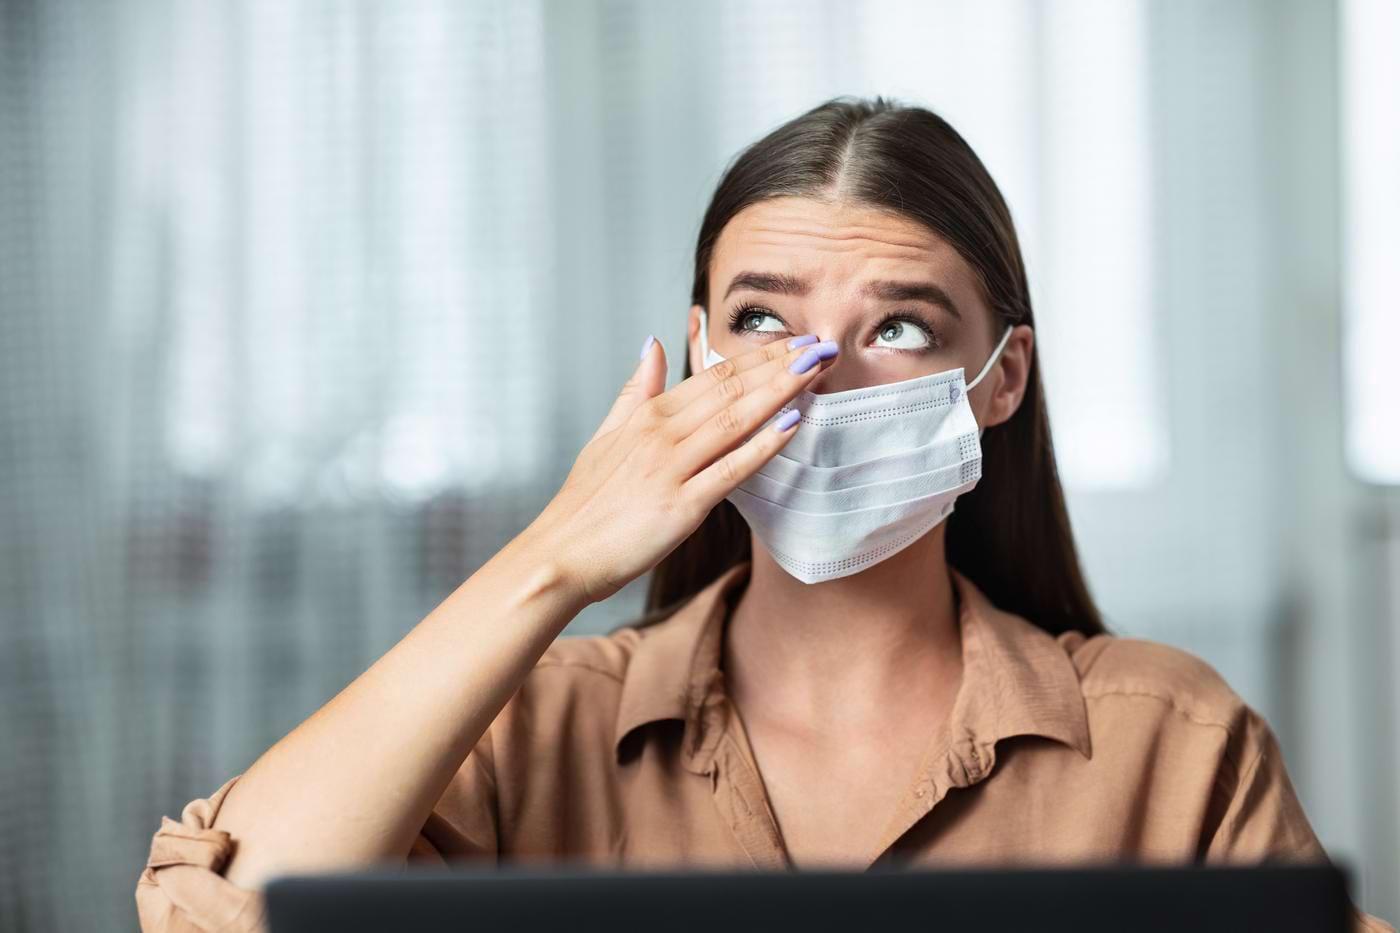 Cum să eviți să îți atingi fața, pentru a te proteja de virusul SARS-CoV-2